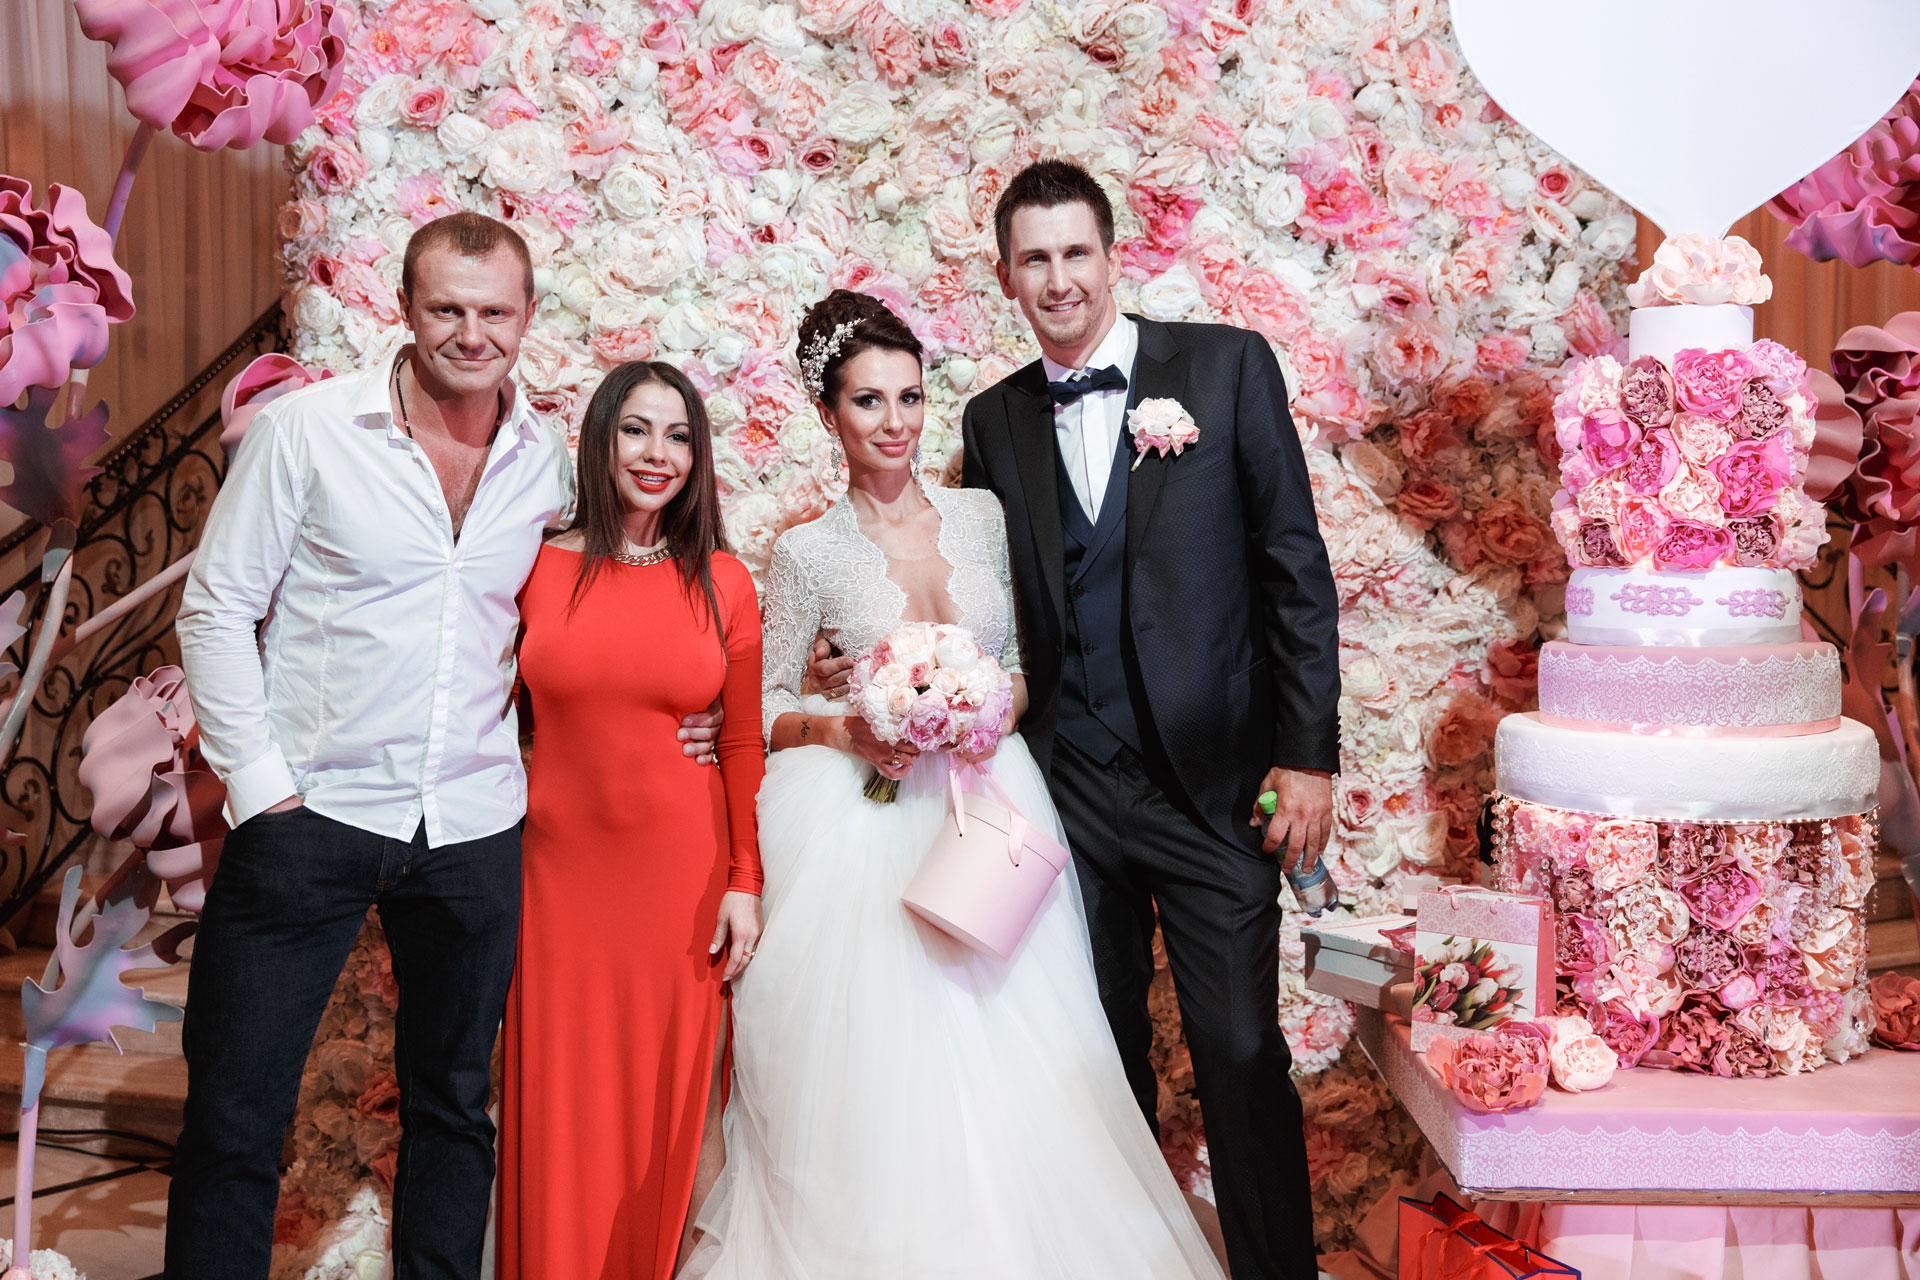 Пионовая свадьба. Свадьба Анны Грачевской и Артема Кузякина фото 30